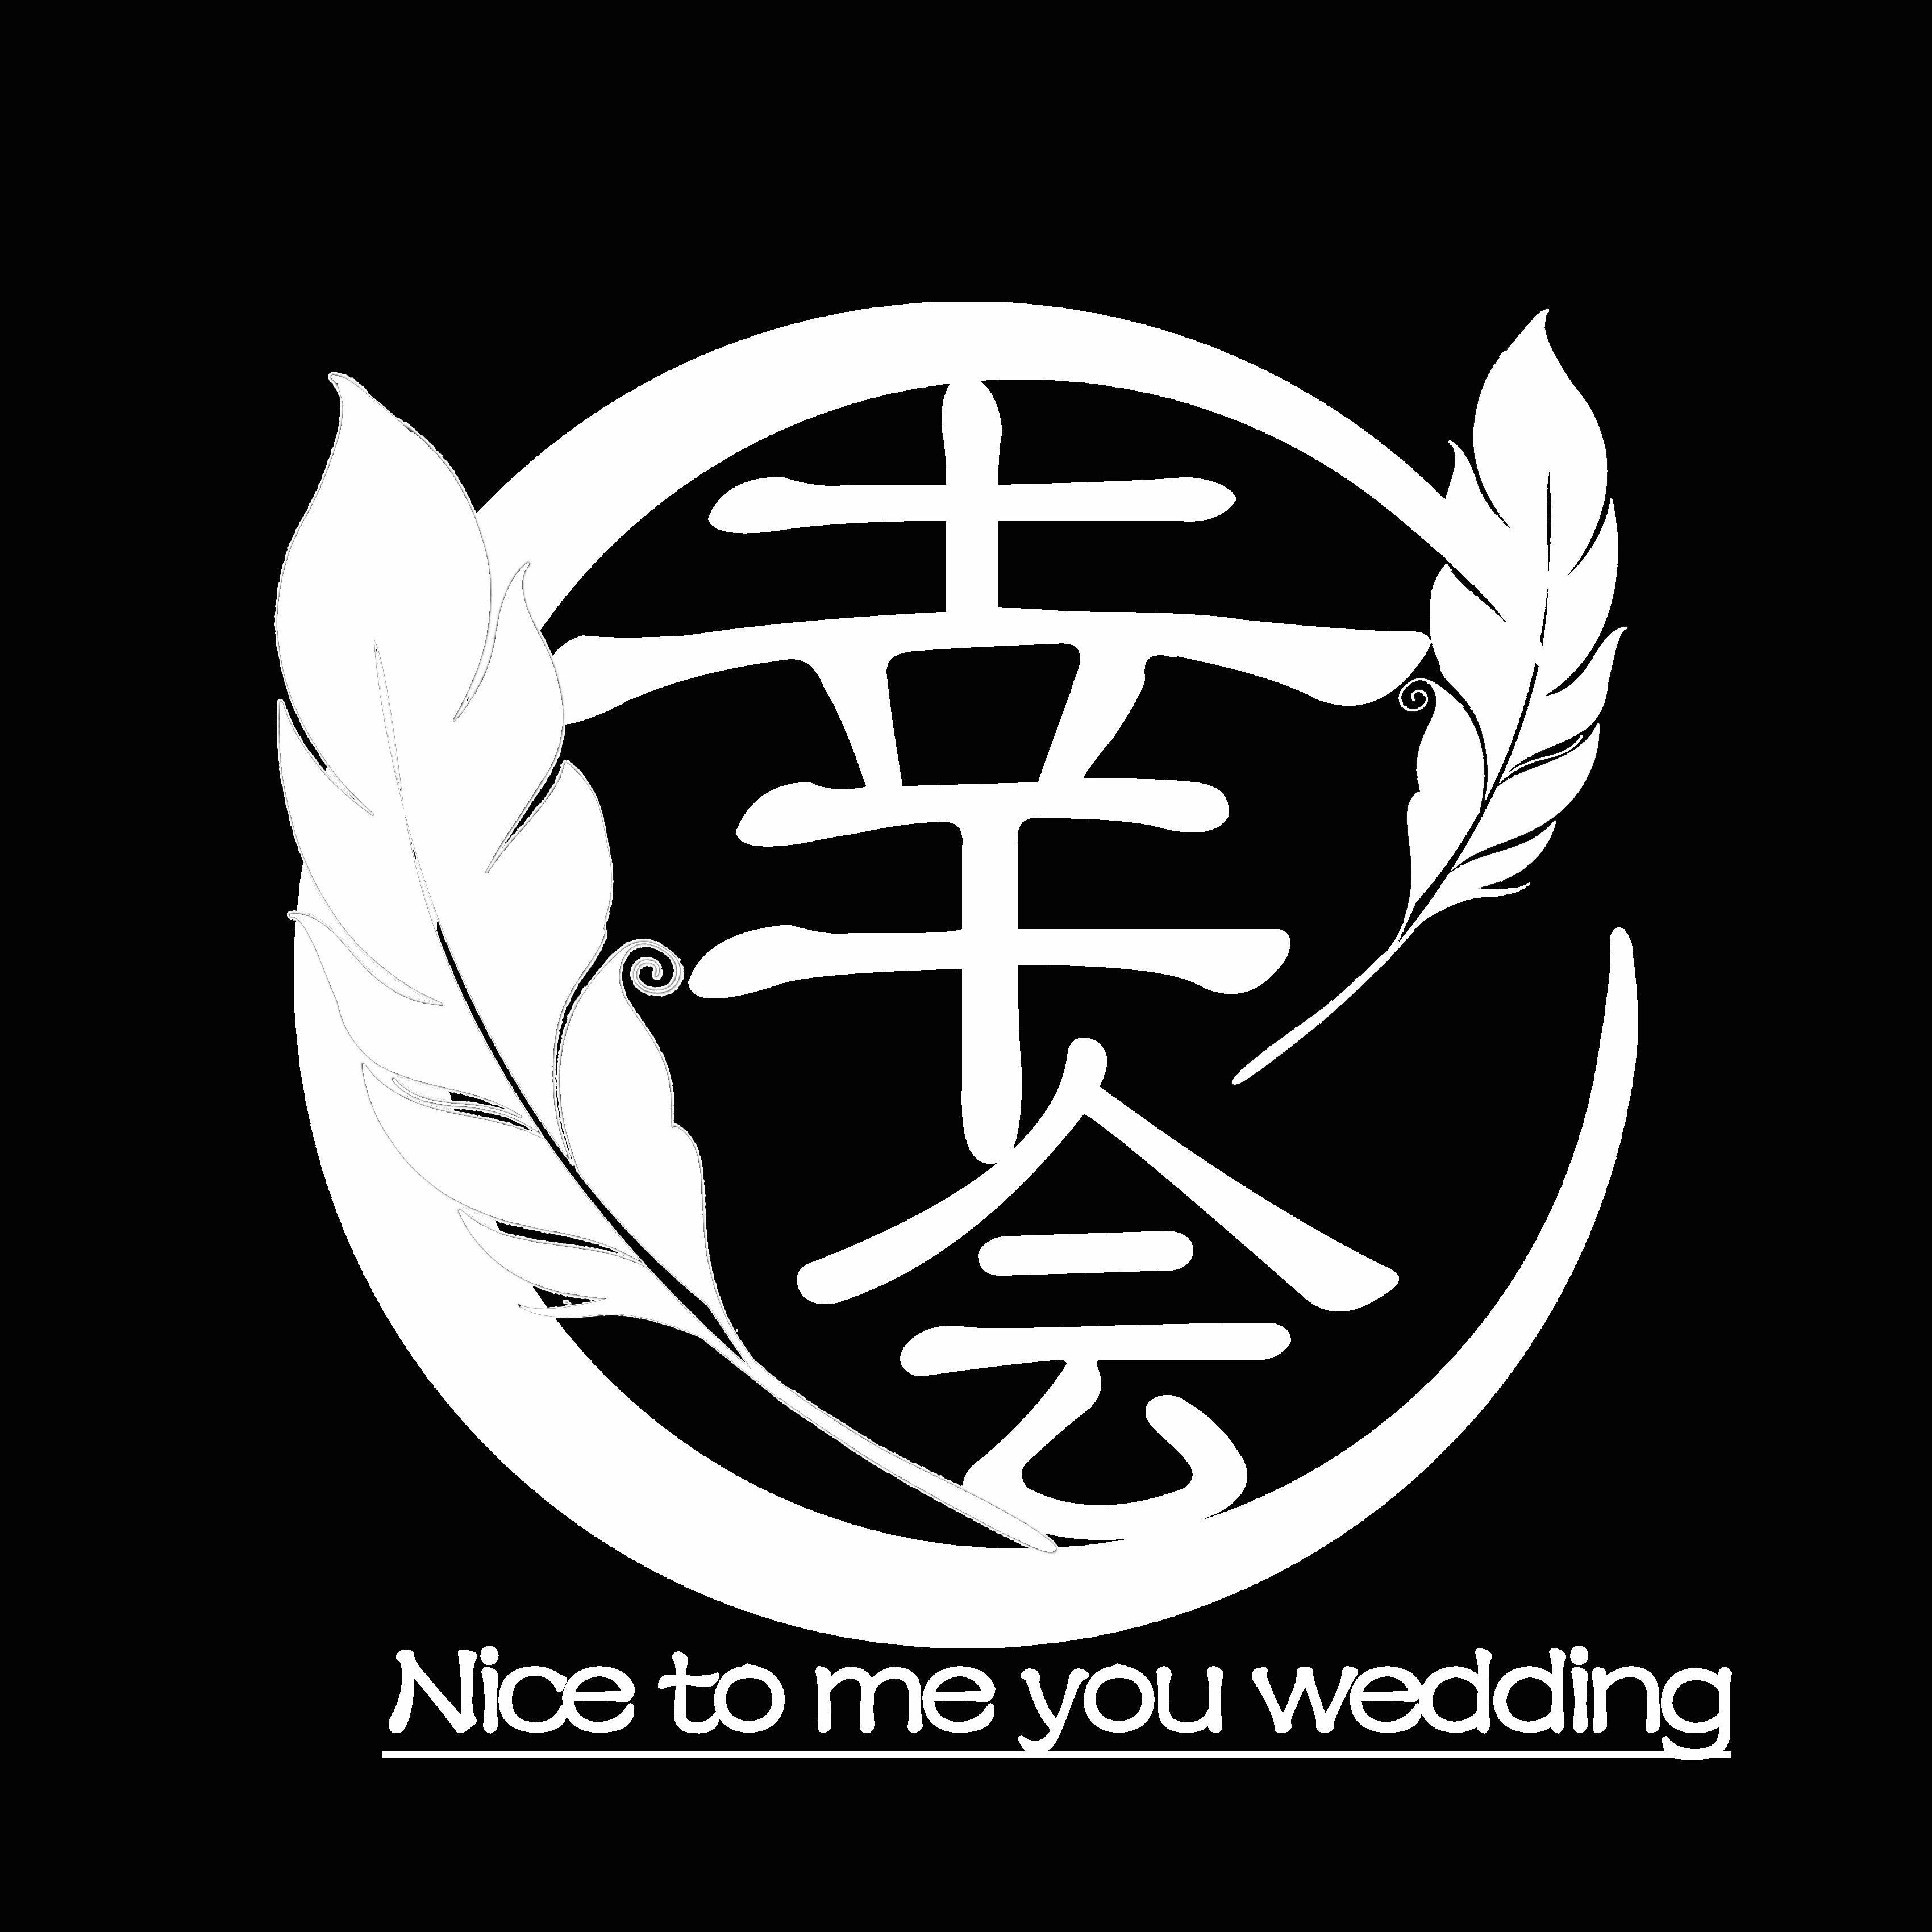 幸会婚礼策划